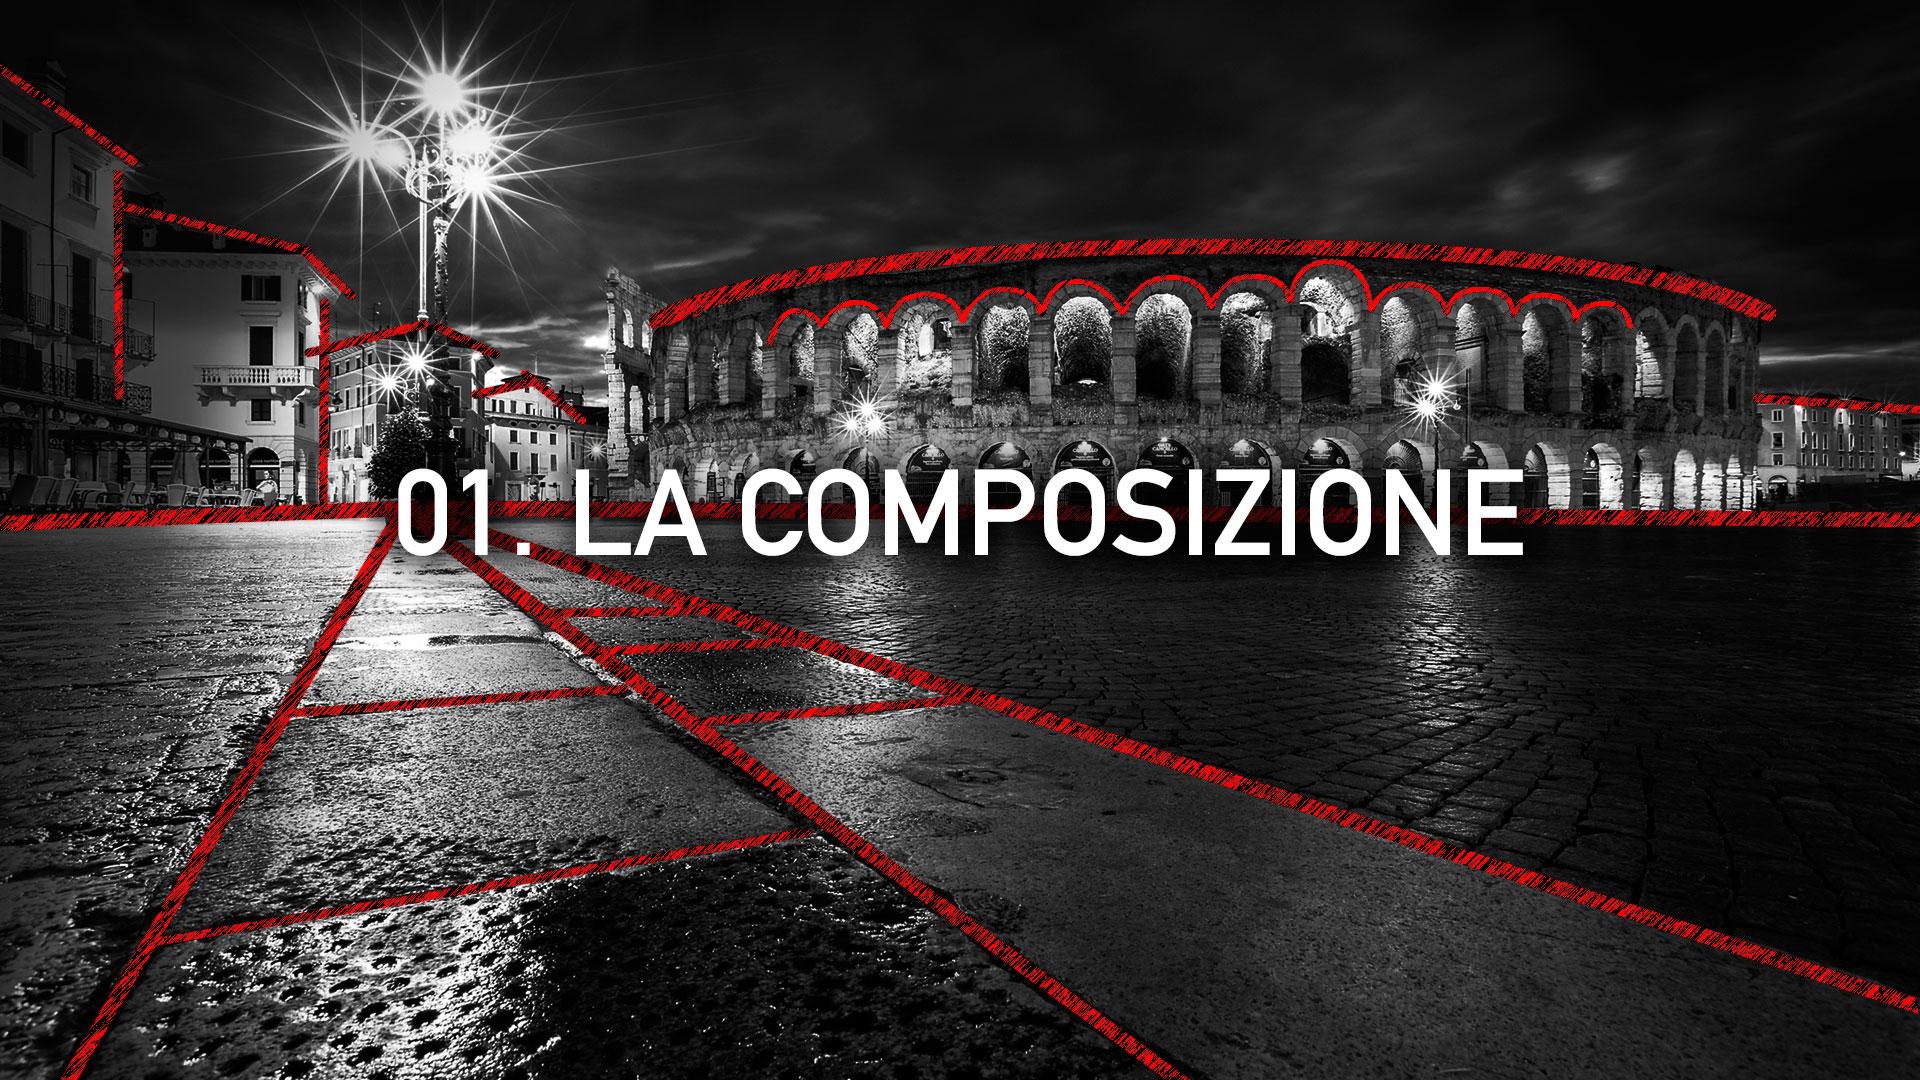 01-LA-COMPOSIZIONE